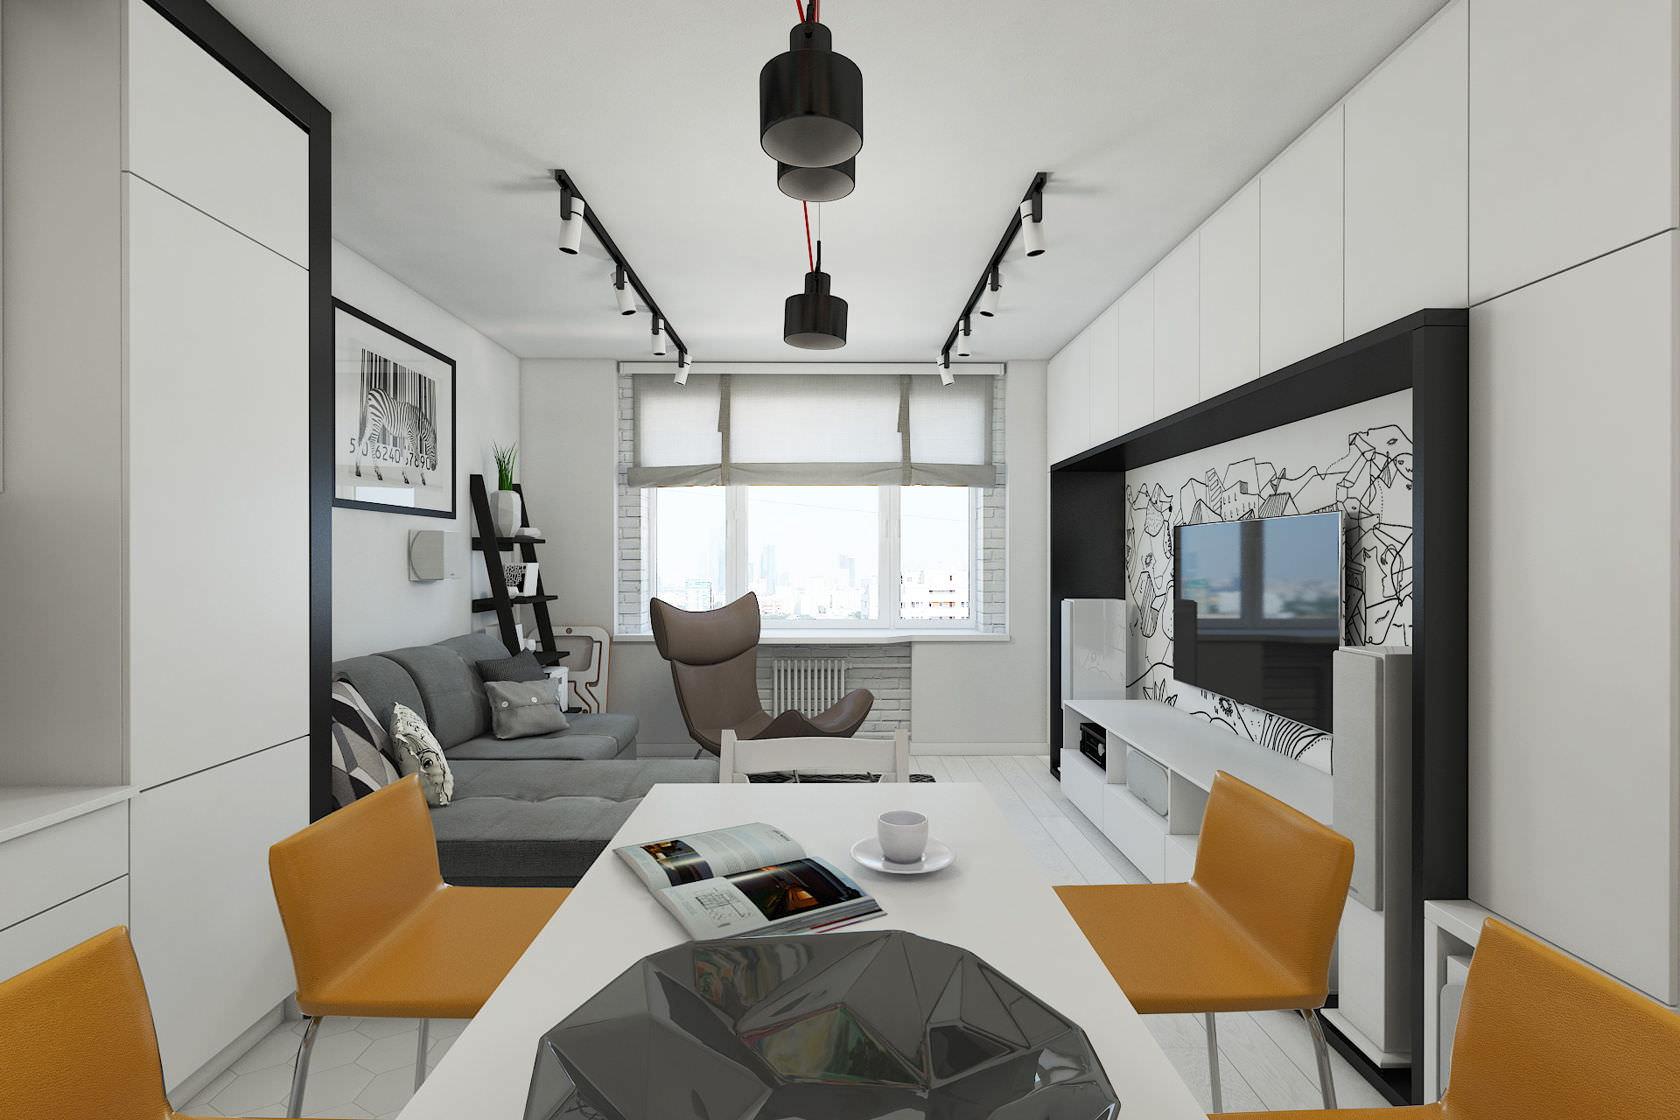 sazdavane-na-dinamichen-i-vedar-interior-v-dvustaen-apartament-60-m-1g